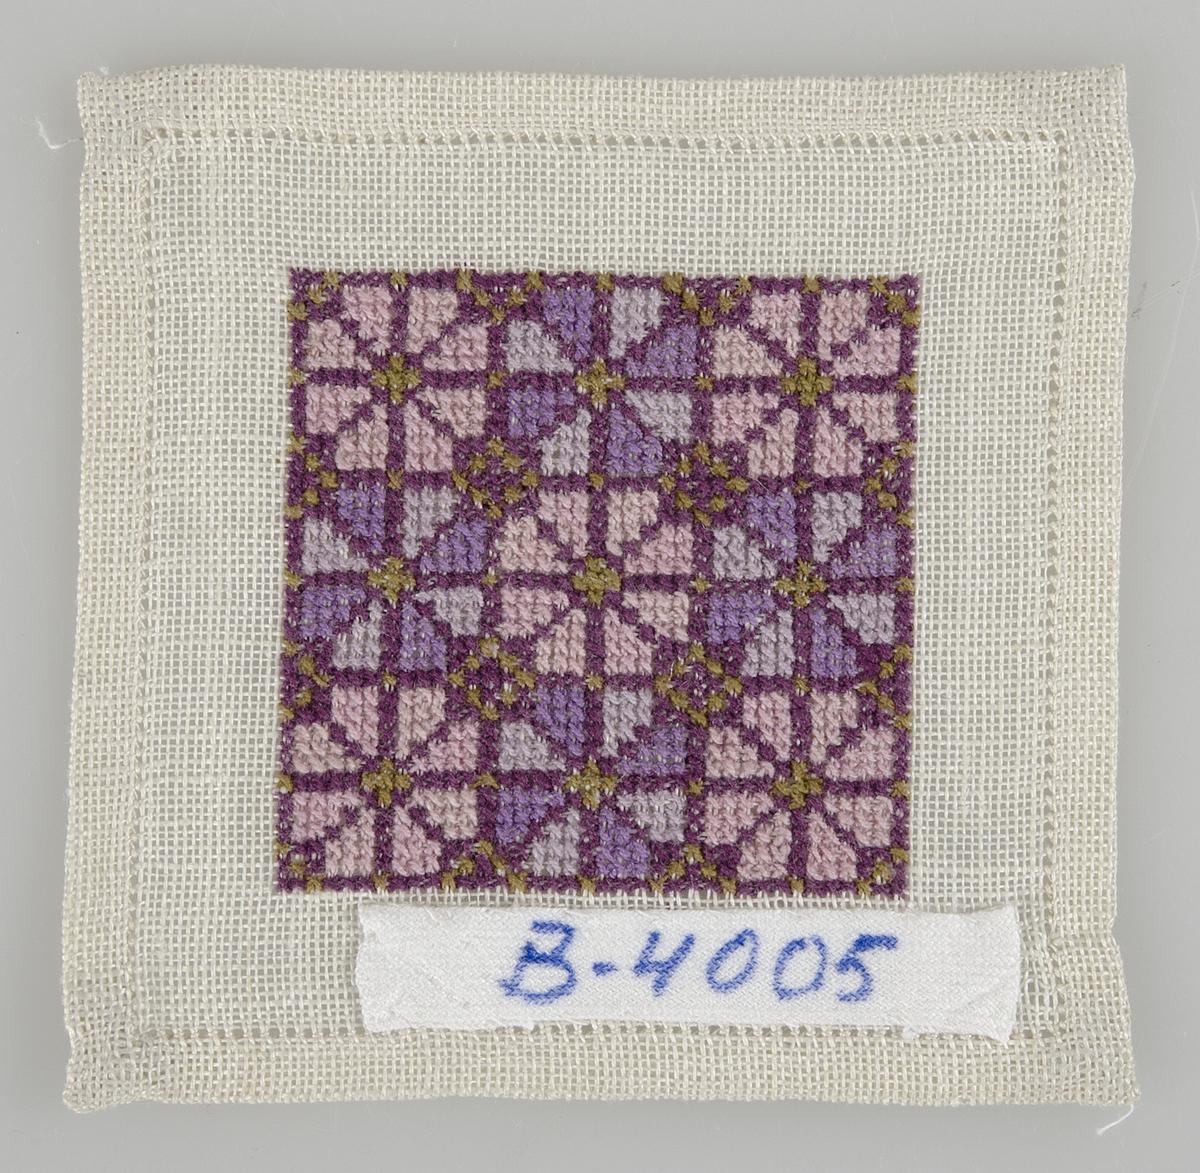 """Liten duk/mellanlägg med motivet i lila, rosa och gröna korsstygn. Duken är broderad med bomullsgarn på tyg vävt i tuskaft av lin. Duken/mellanlägget är märkt """"B-4005""""."""